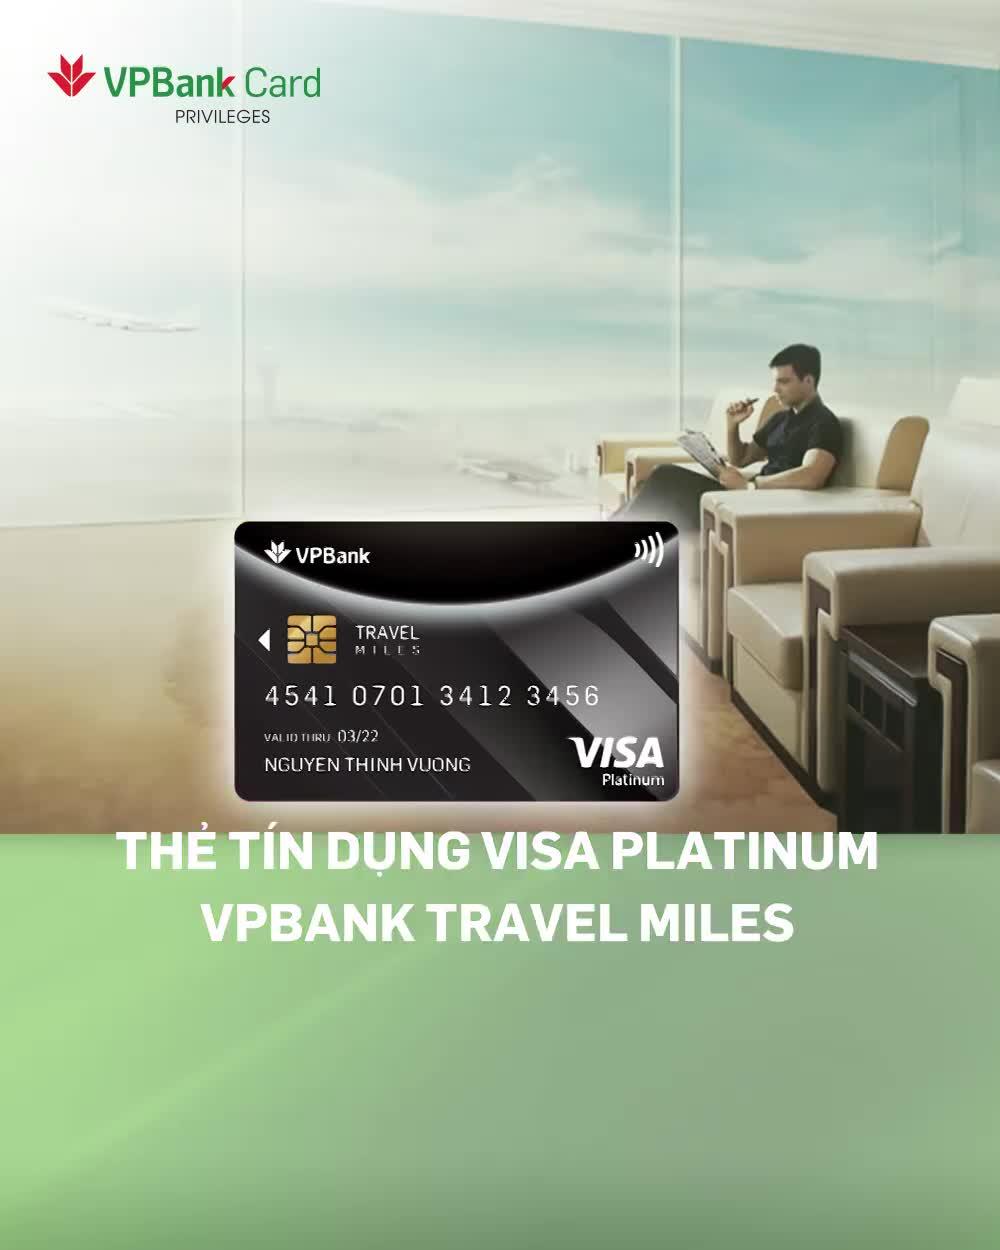 Miễn phí phòng chờ quốc tế Dragon Pass khi sở hữu thẻ tín dụng VPBank Travel Miles